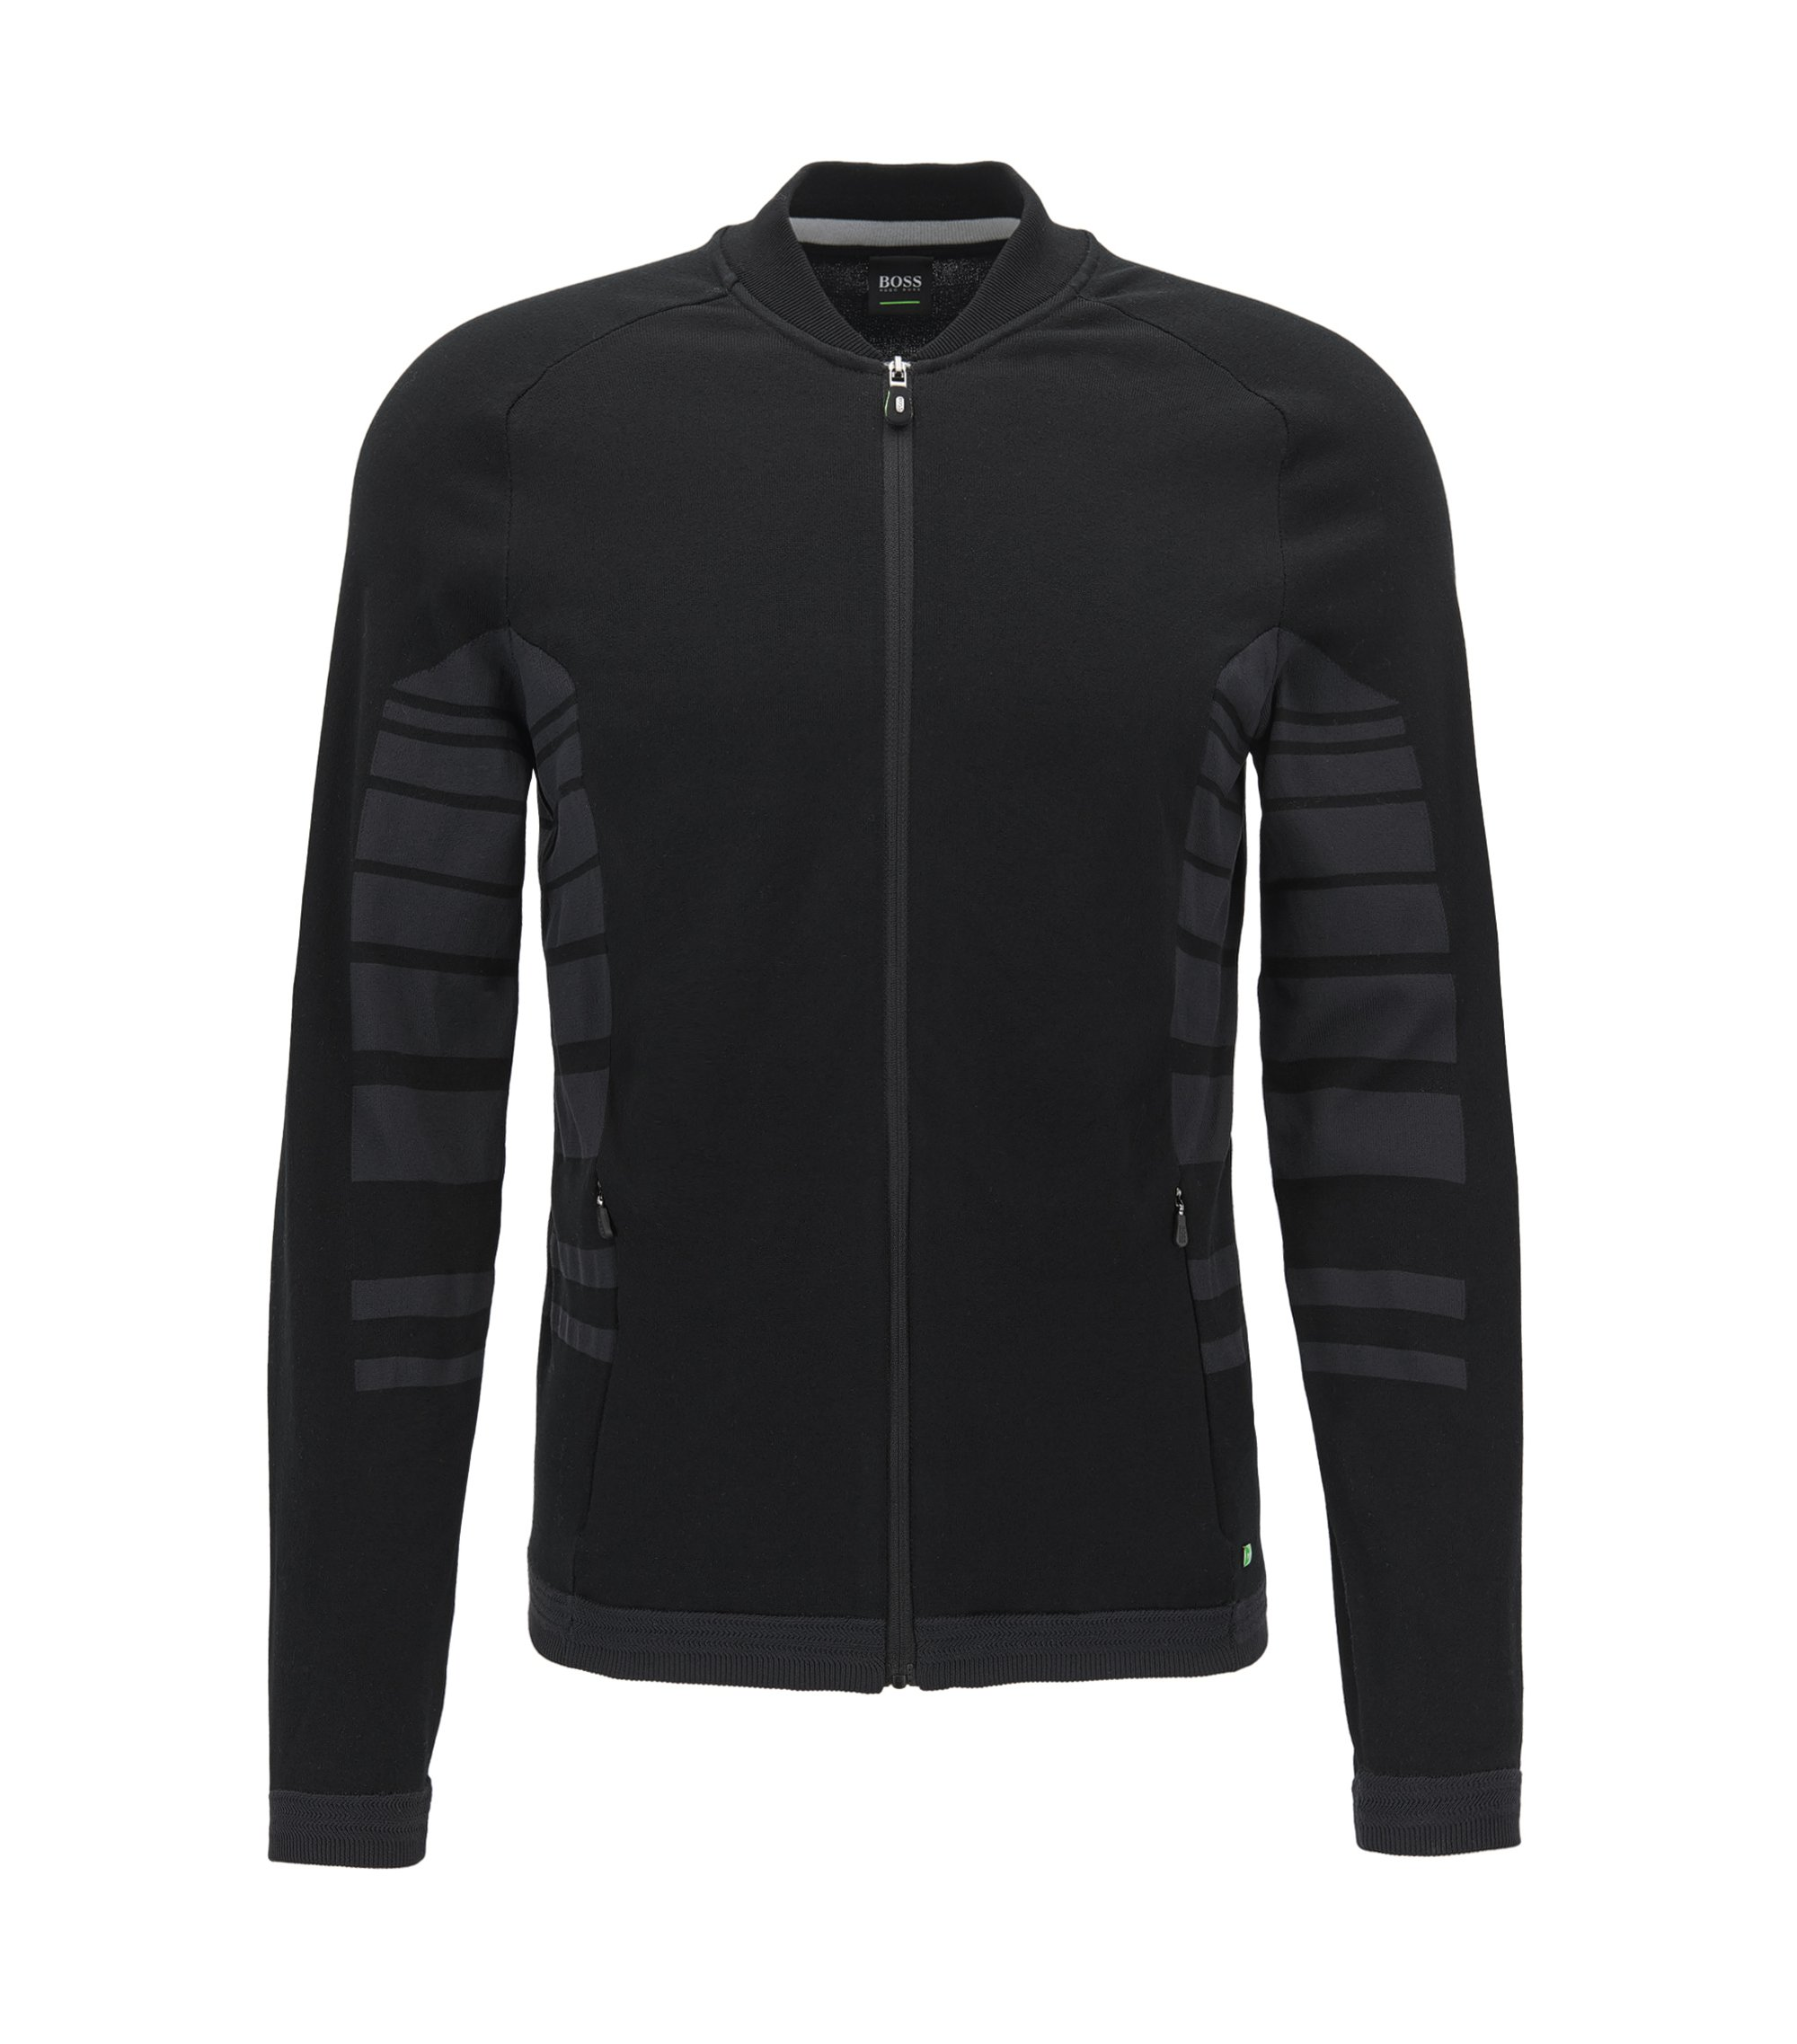 Jacke aus Baumwoll-Mix mit gestreiften Einsätzen und Reißverschluss, Schwarz